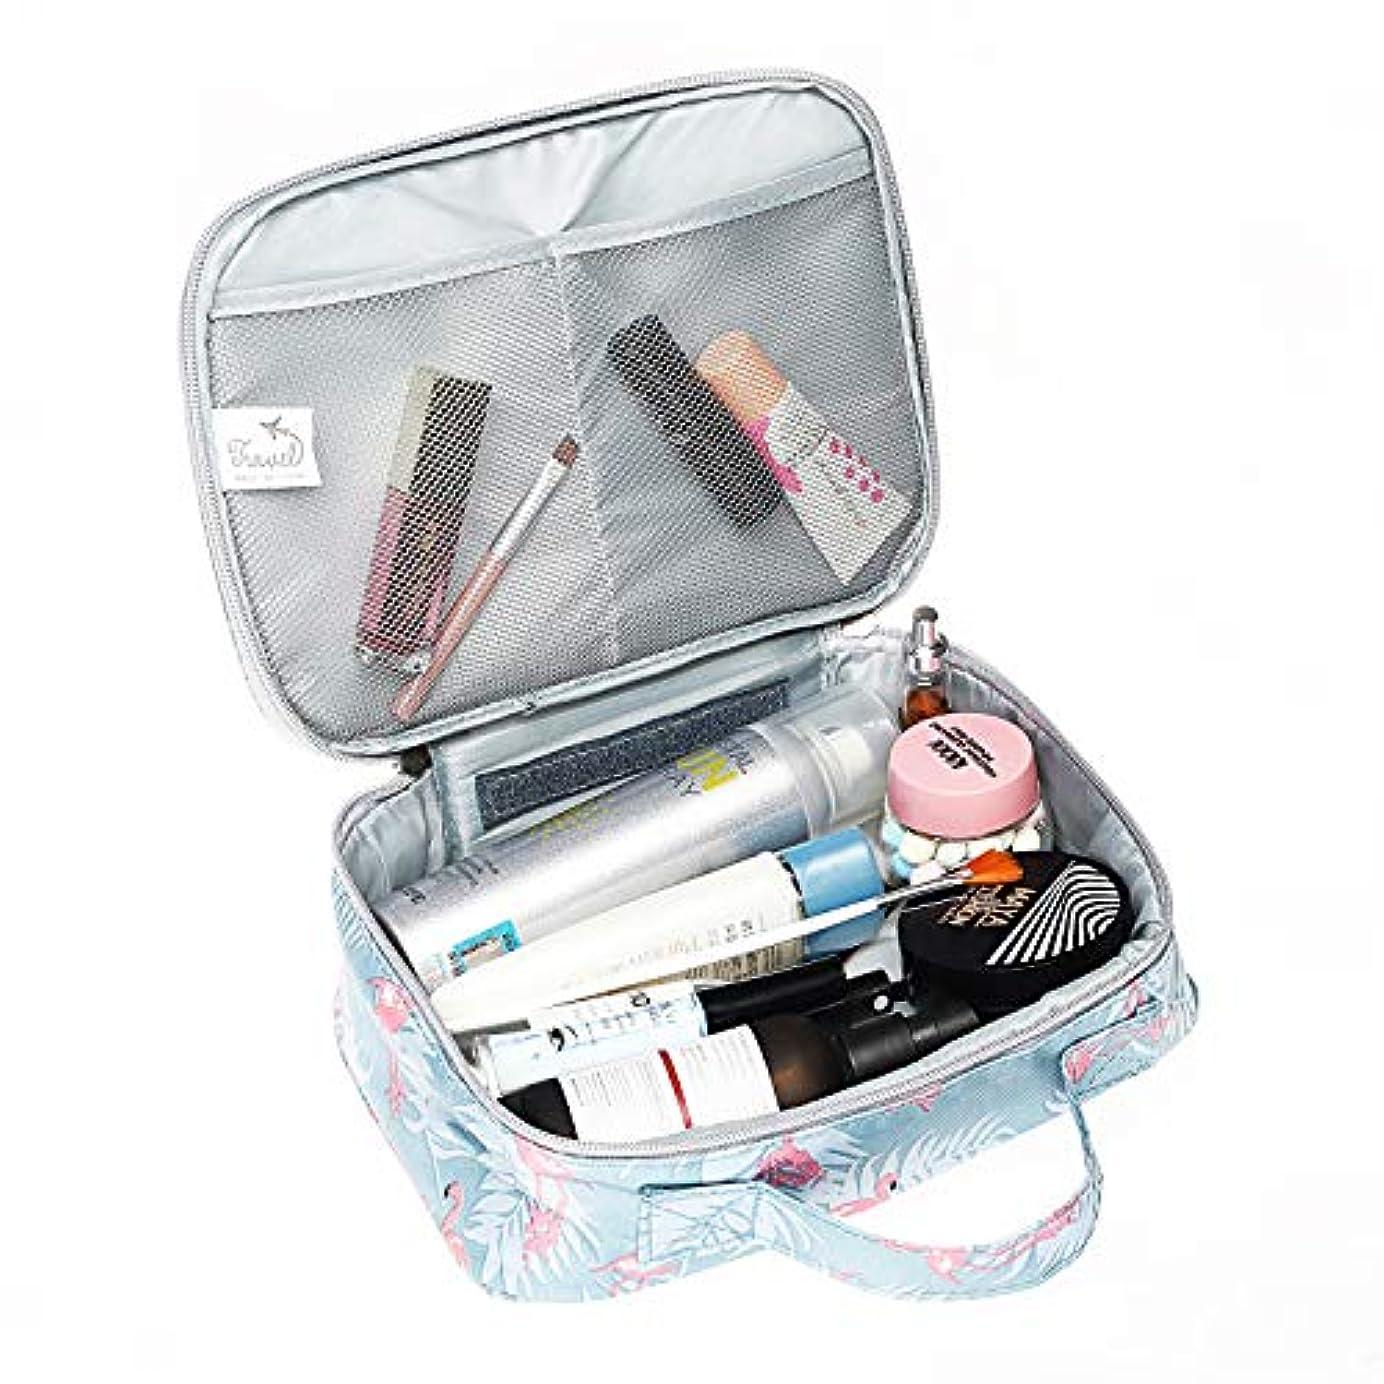 無数のハチバイパスメイクボックス 化粧ポーチ メイクバッグ 高品質 機能的 大容量 化粧箱 コスメボックス トラベルバッグ 化粧バッグ 化粧品収納 仕切り 旅行用 軽量 持ち運び 使いやすい 化粧道具 小物入れポーチ 可愛い